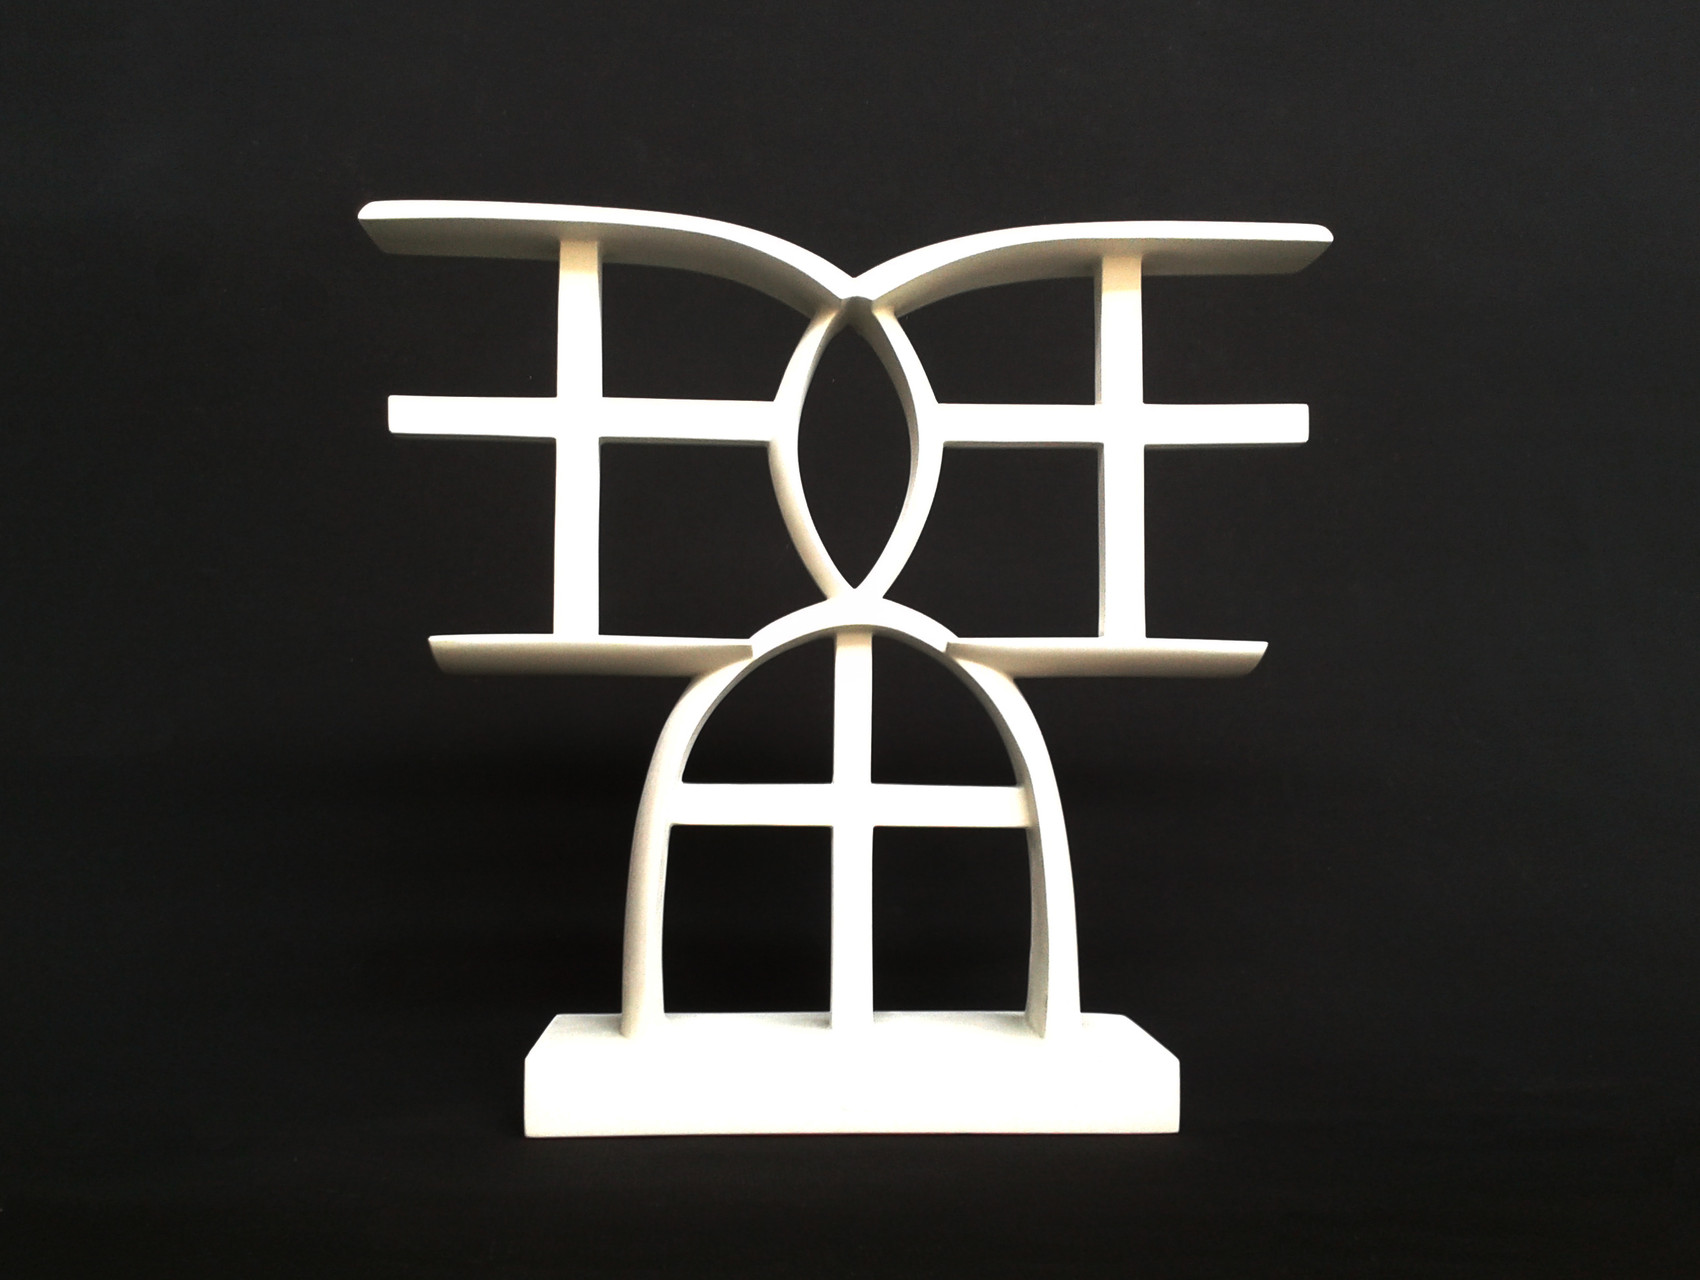 A+G 10. 2012. 40 X 37 X 9 cm. Aluminio - Pintura electrostática